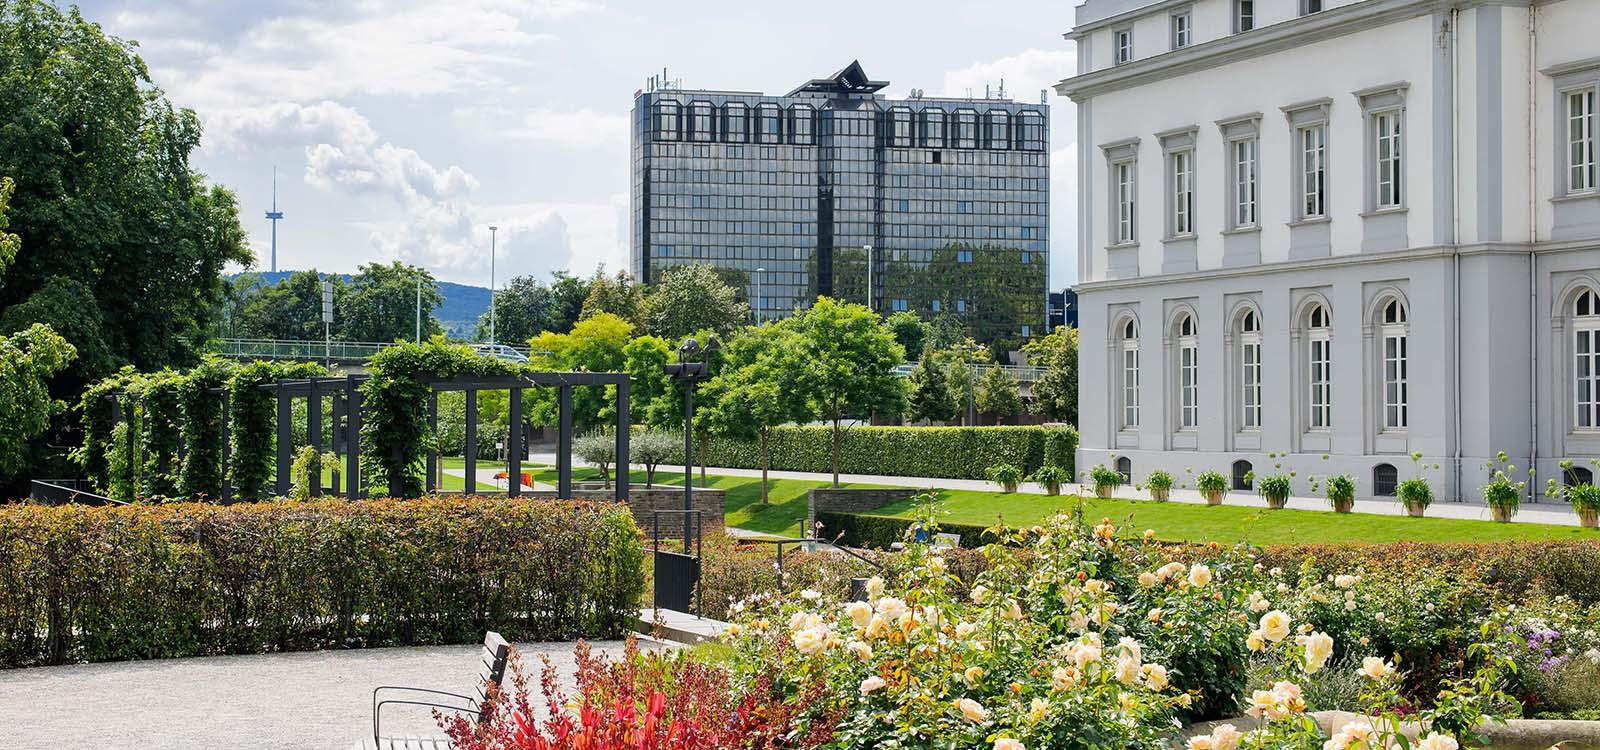 Mercure Hotel Koblenz Koblenz